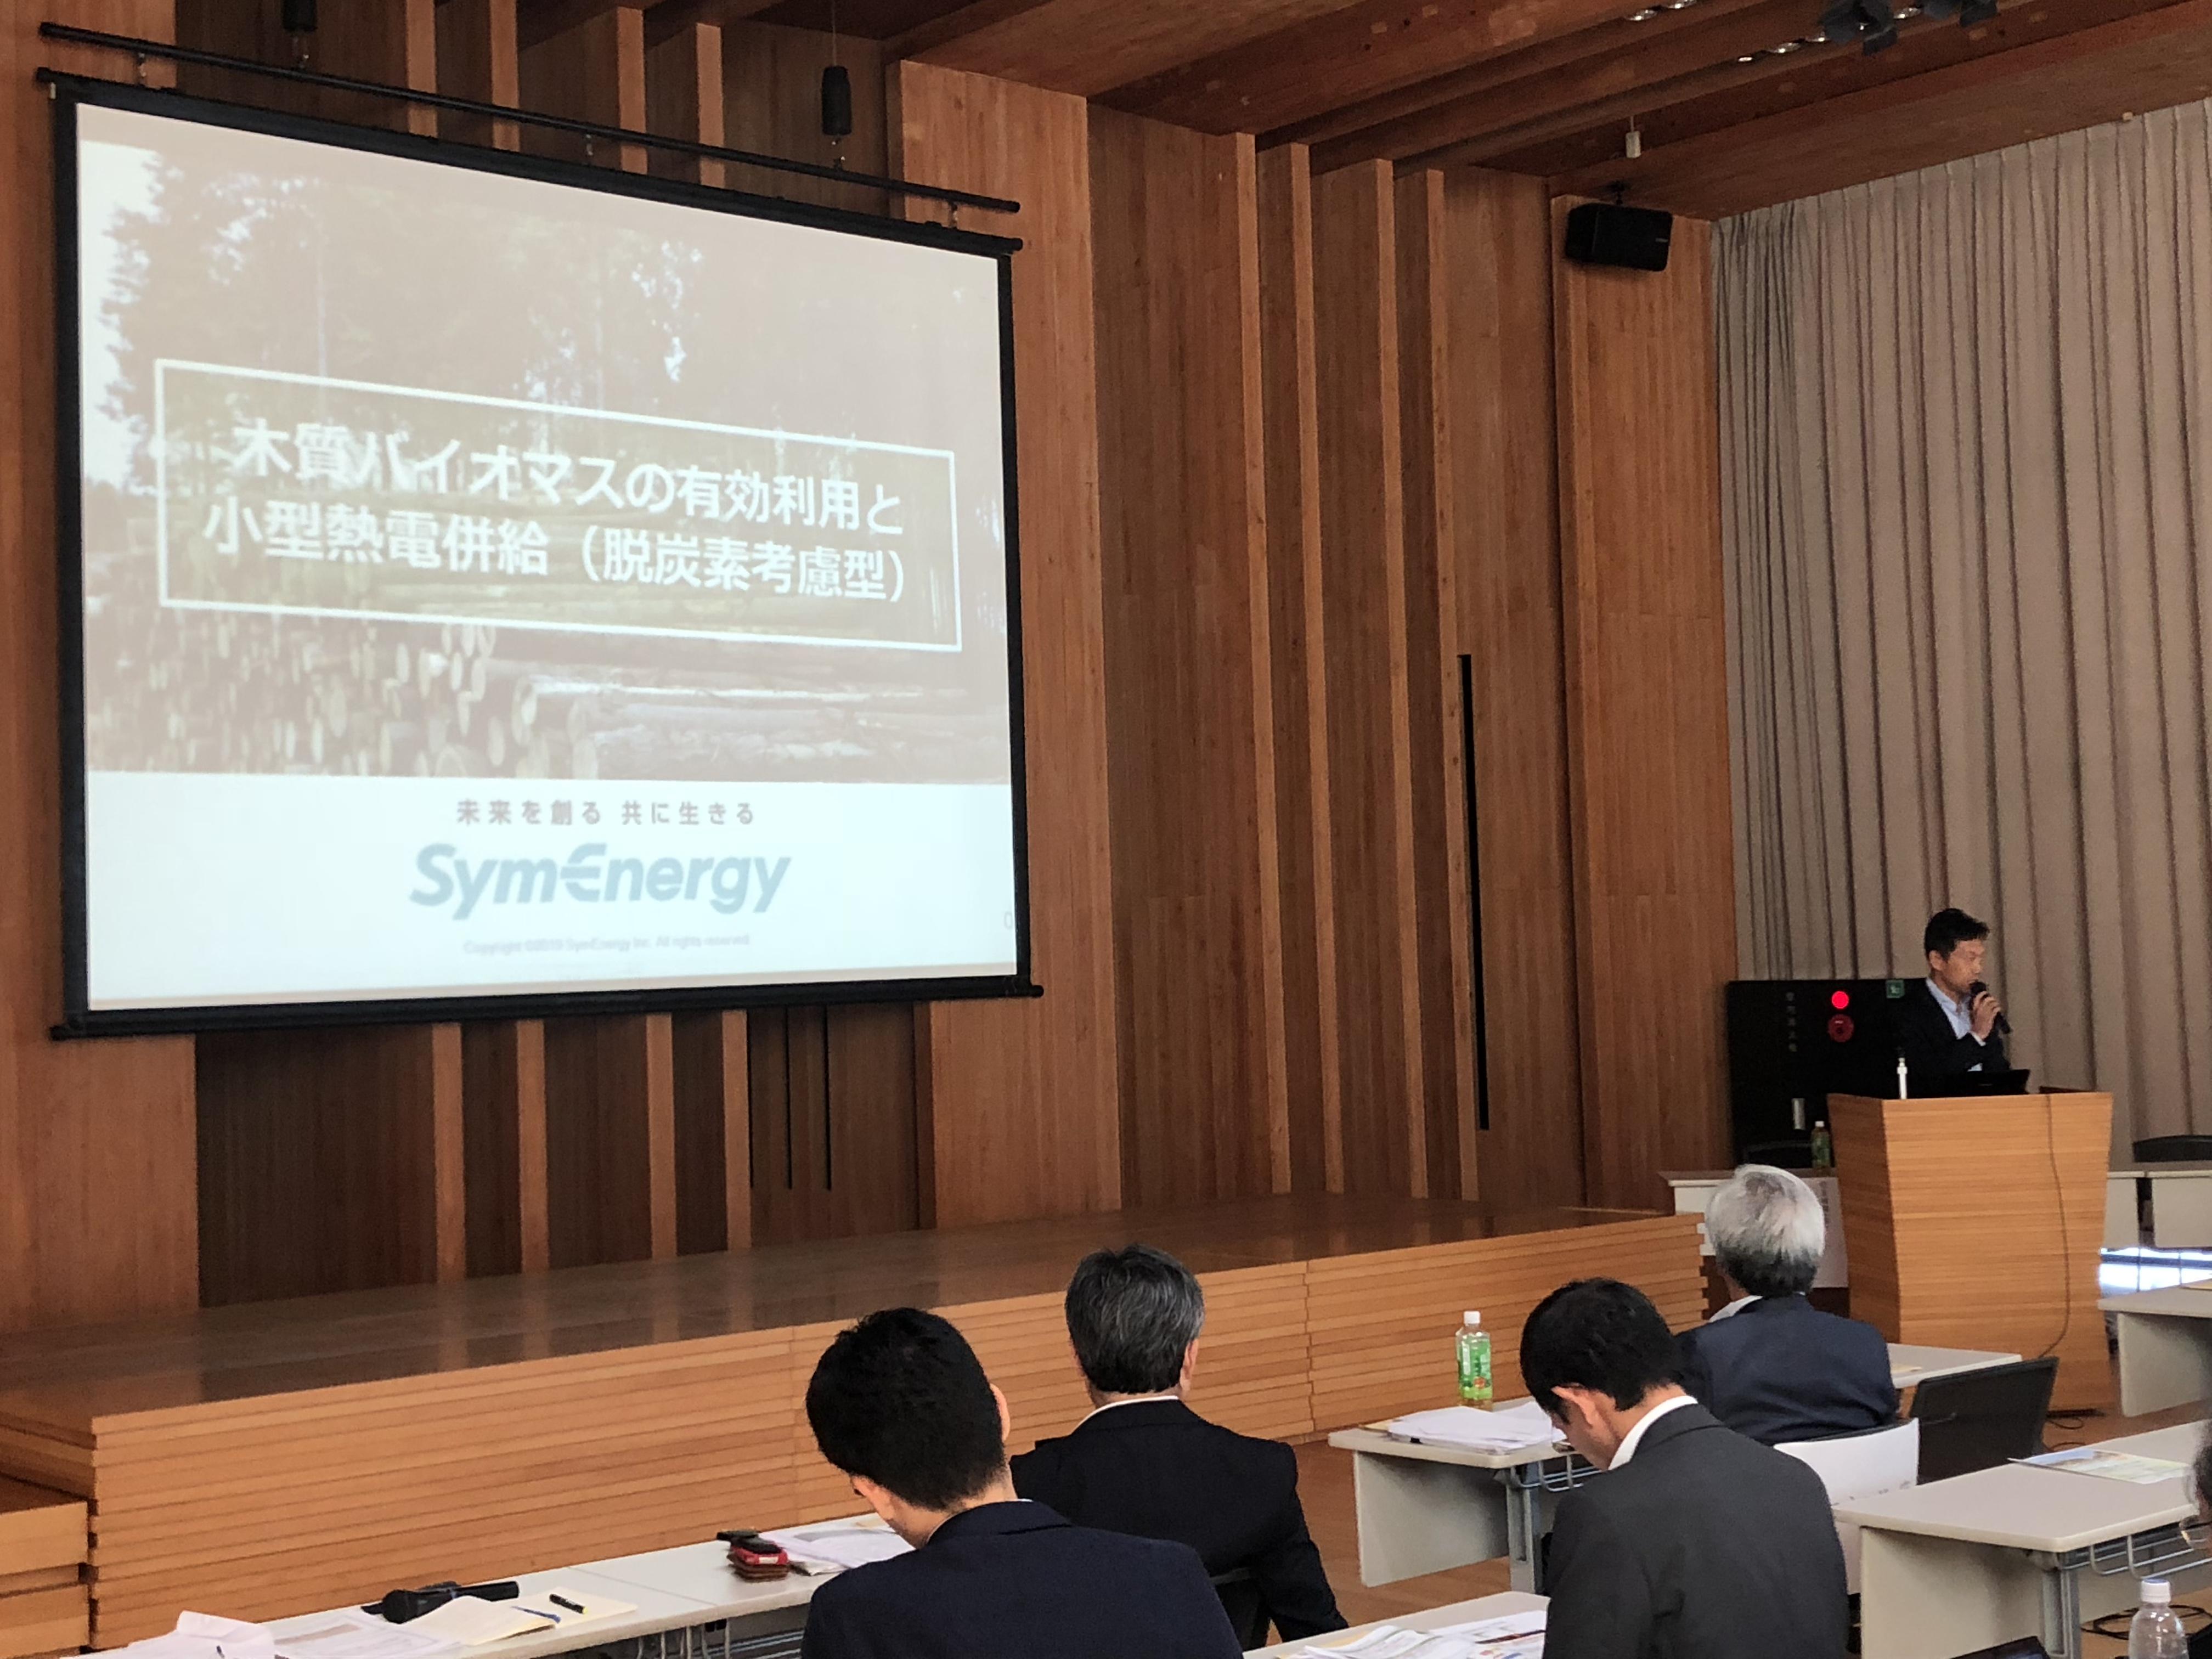 日本木質バイオマスエネルギー協会(JWBA)主催の年次総会で講義